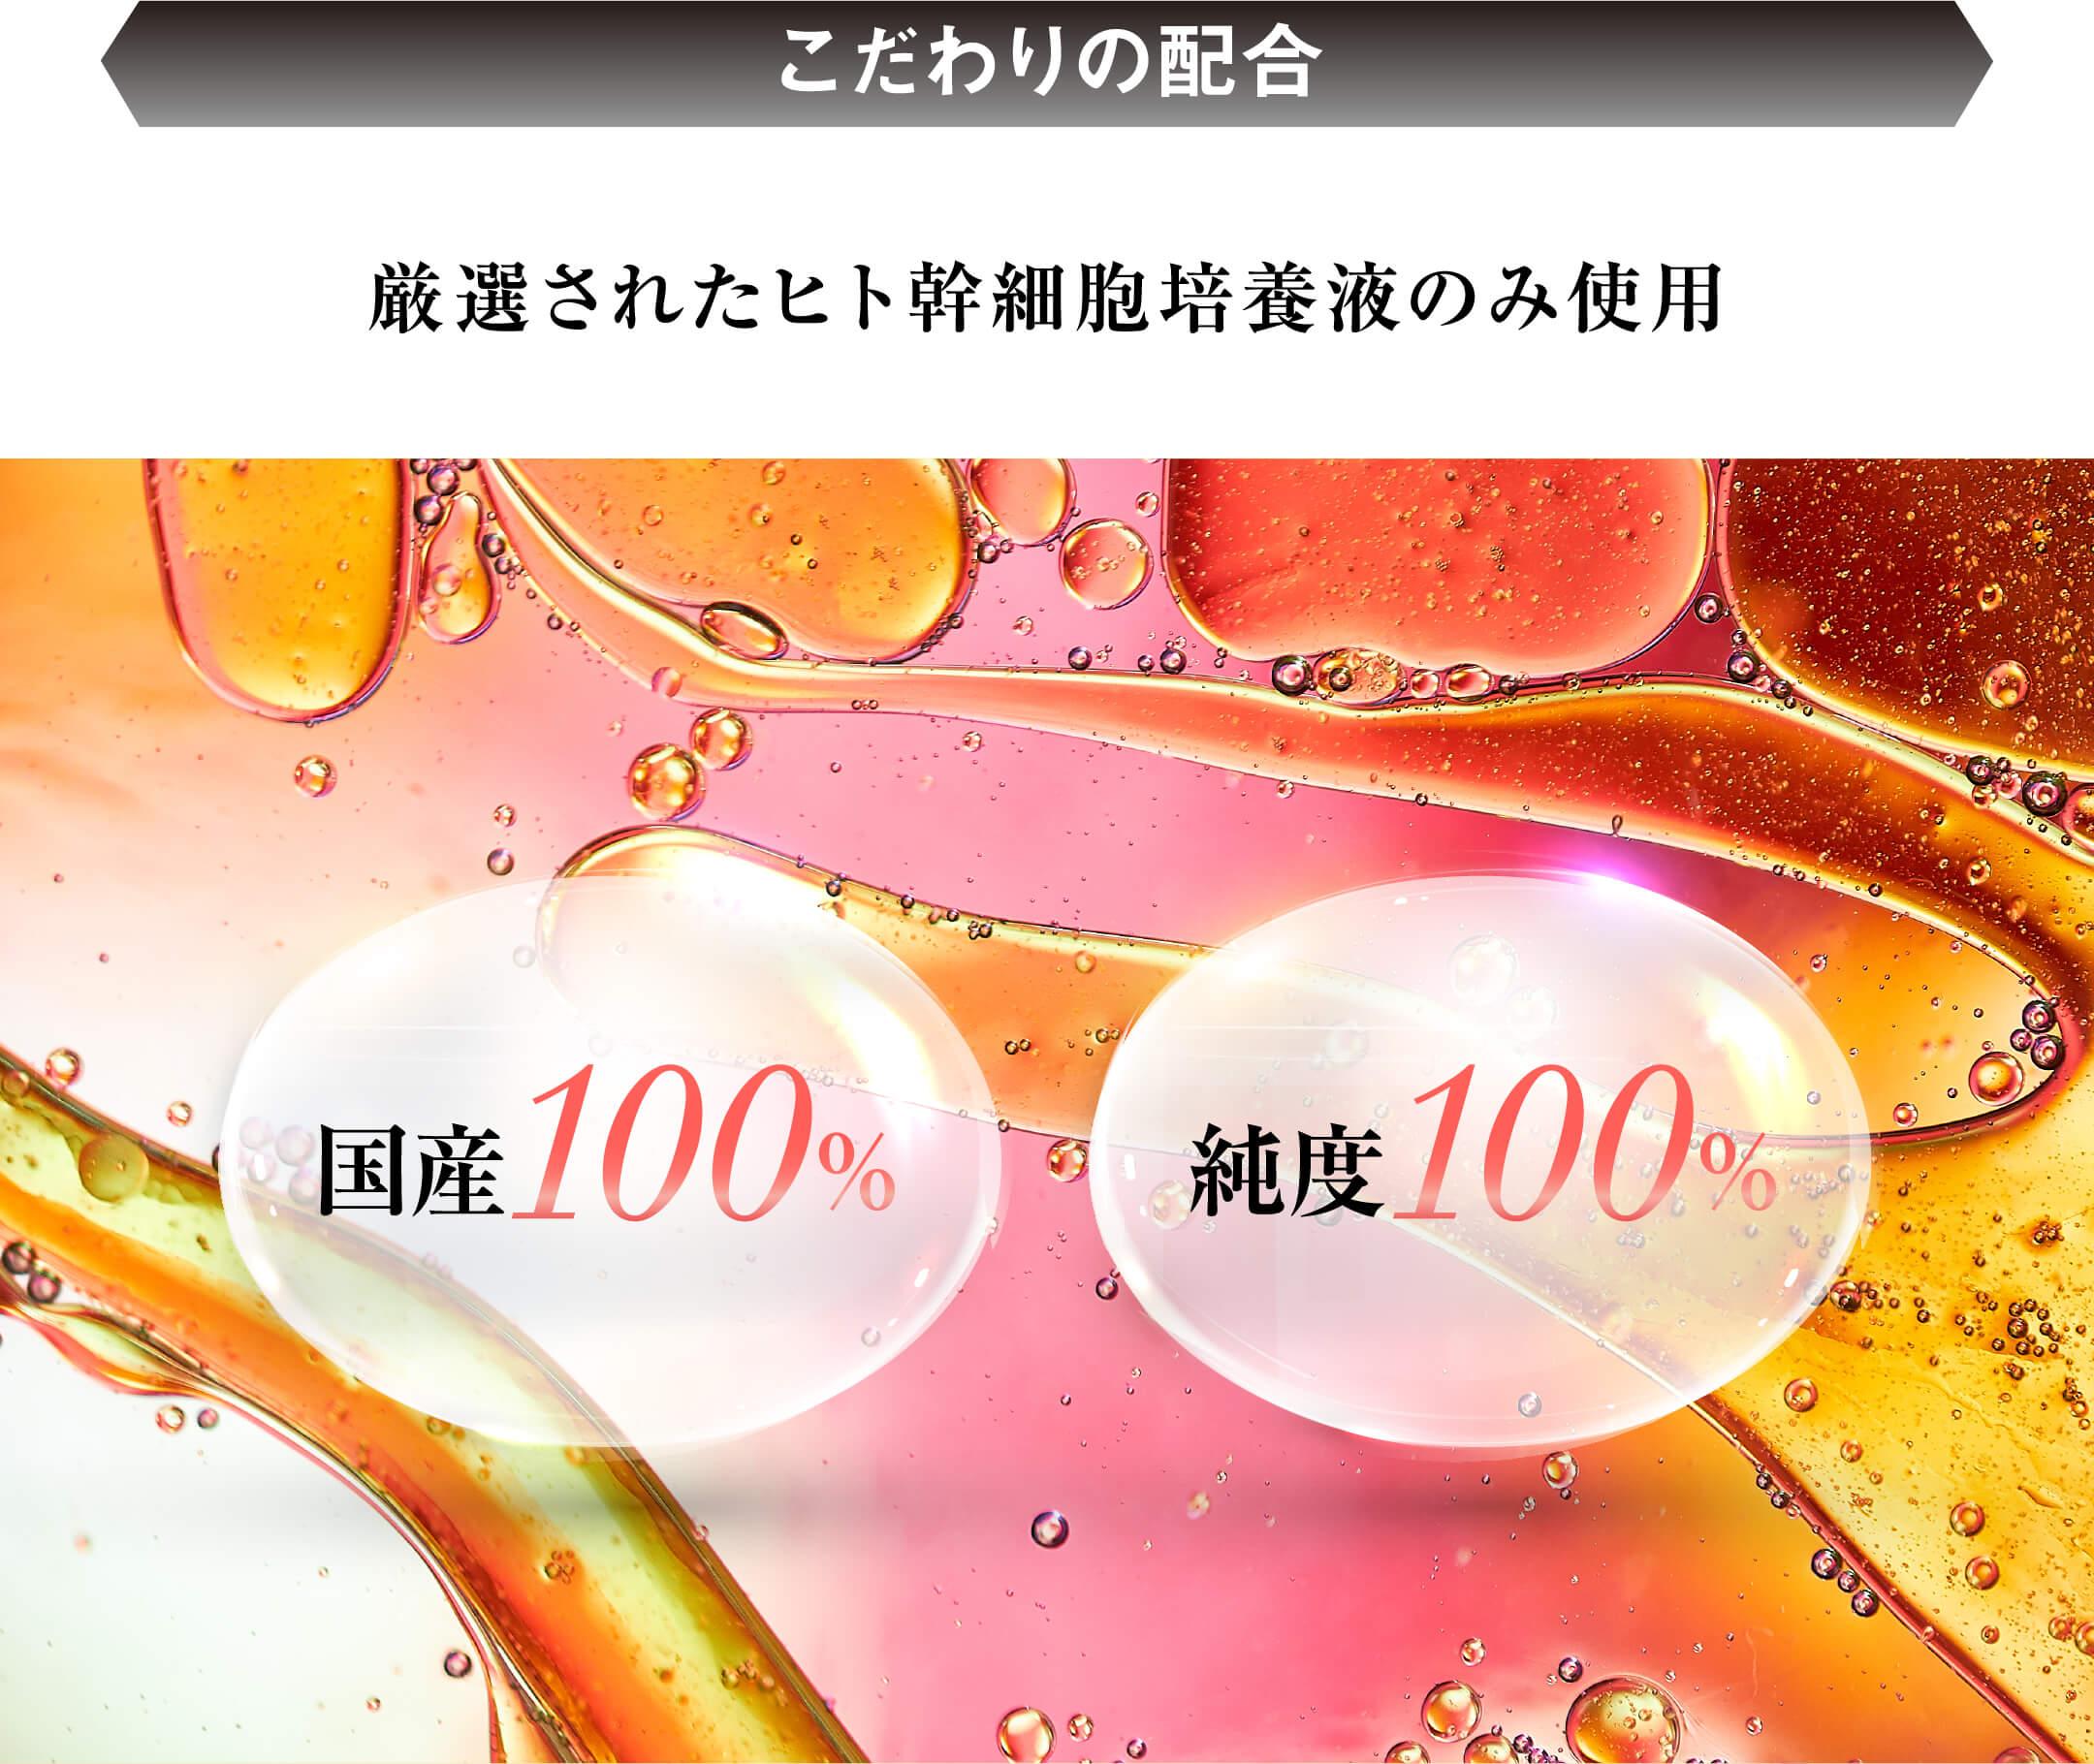 こだわりの配合 厳選されたヒト幹細胞培養液のみ使用 国産100% 純度100%